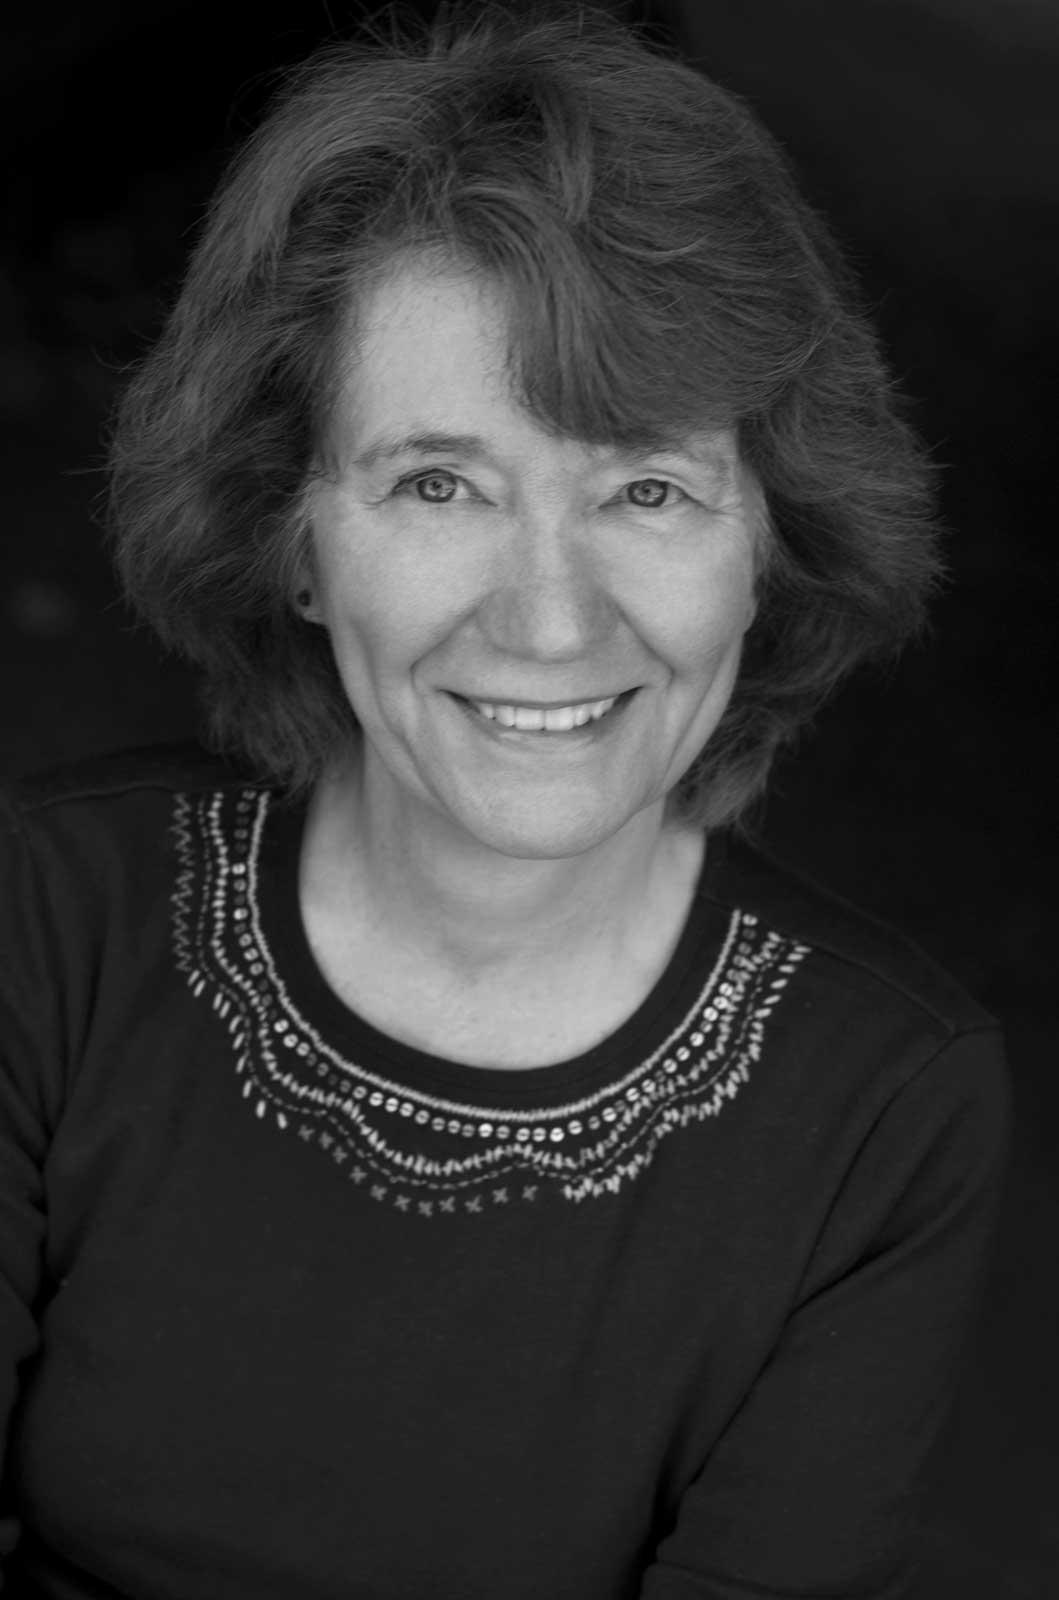 Elaine Aron participa en el Congreso sobre Alta Sensibilidad